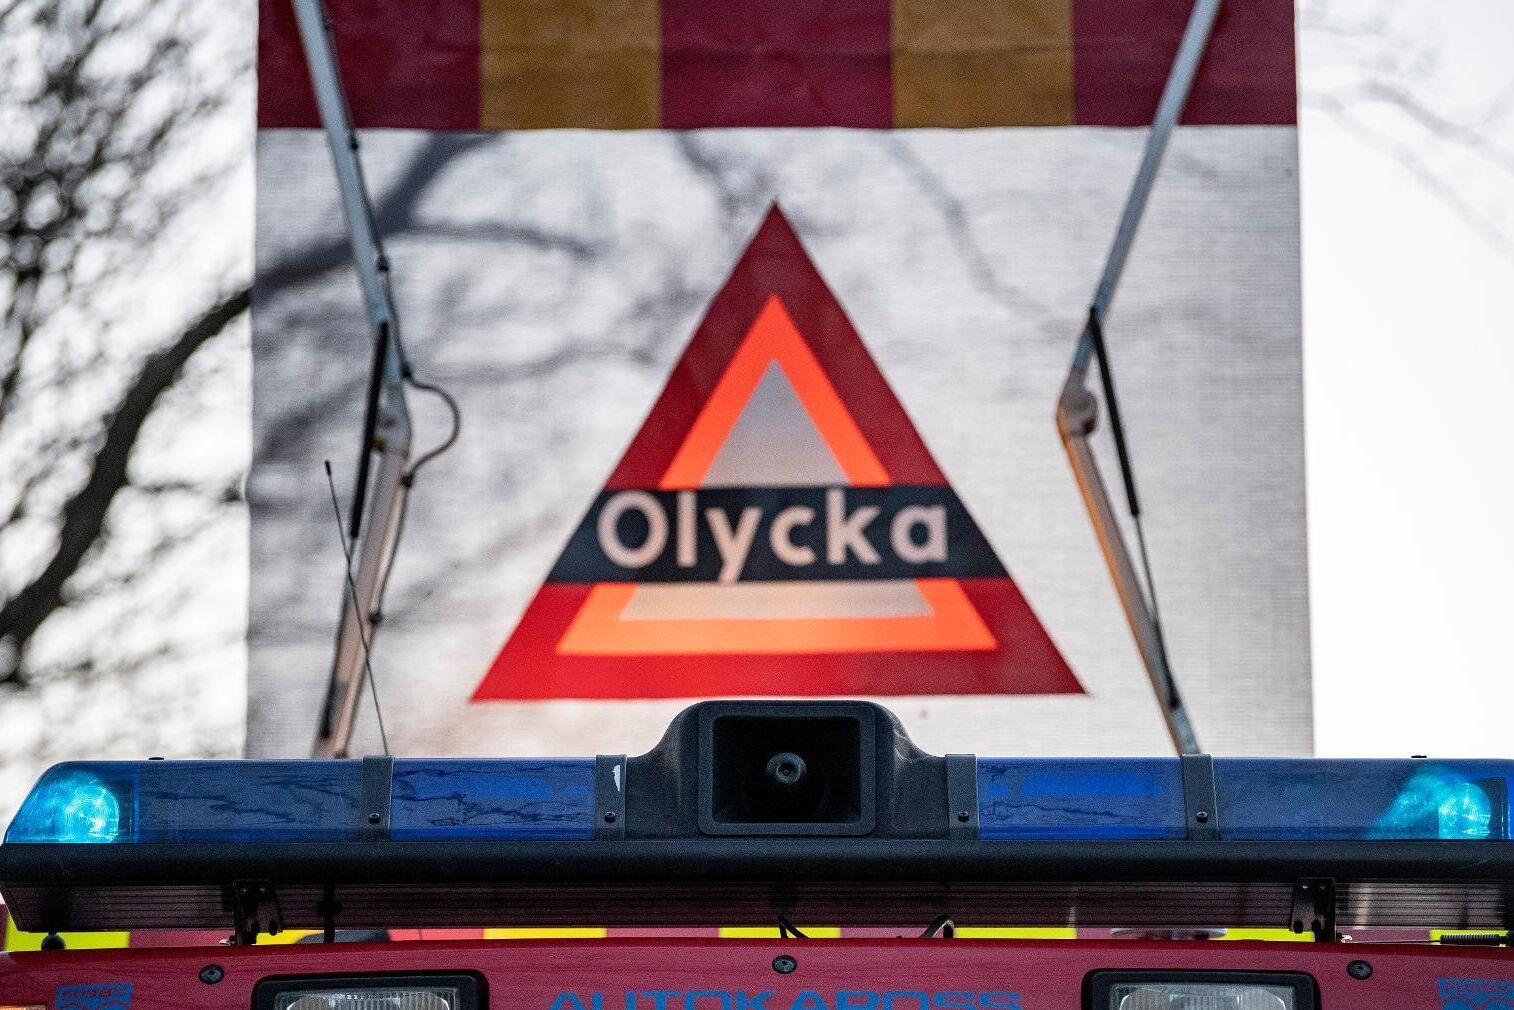 Varning för olycka visas på taket på en brandbil. Arkivbild.